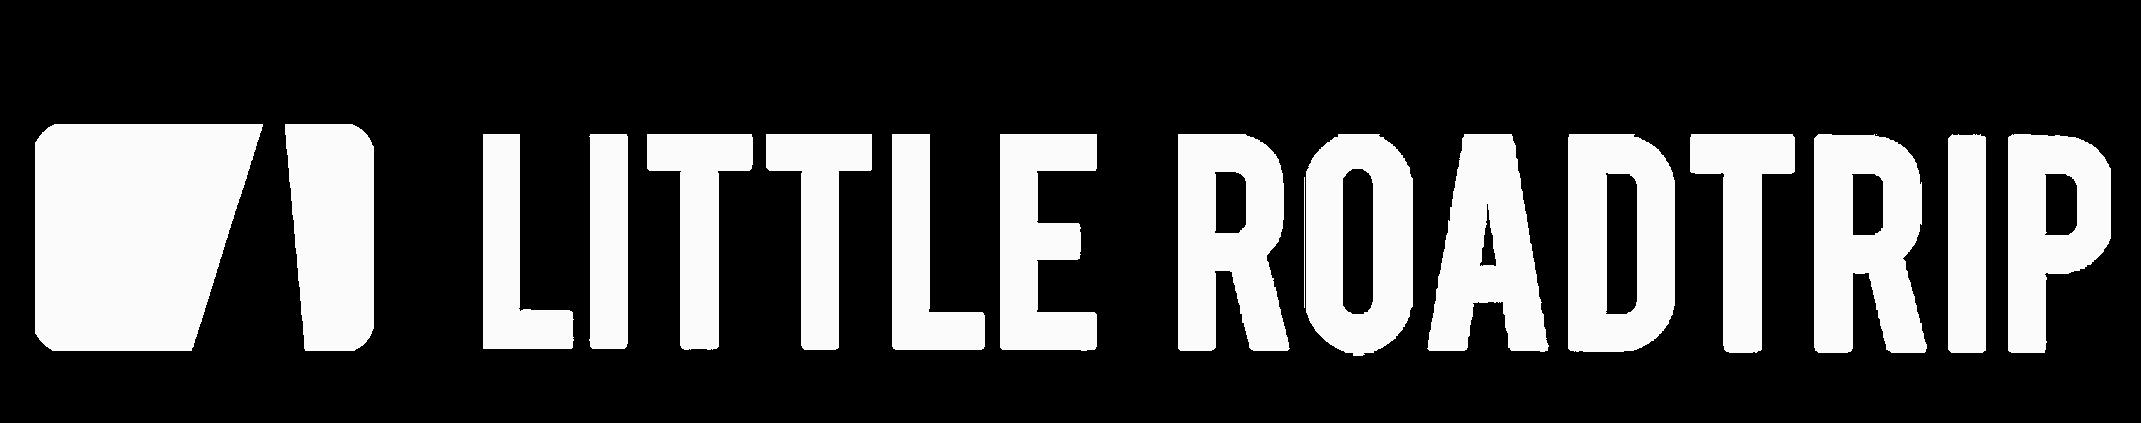 littleroadtrip